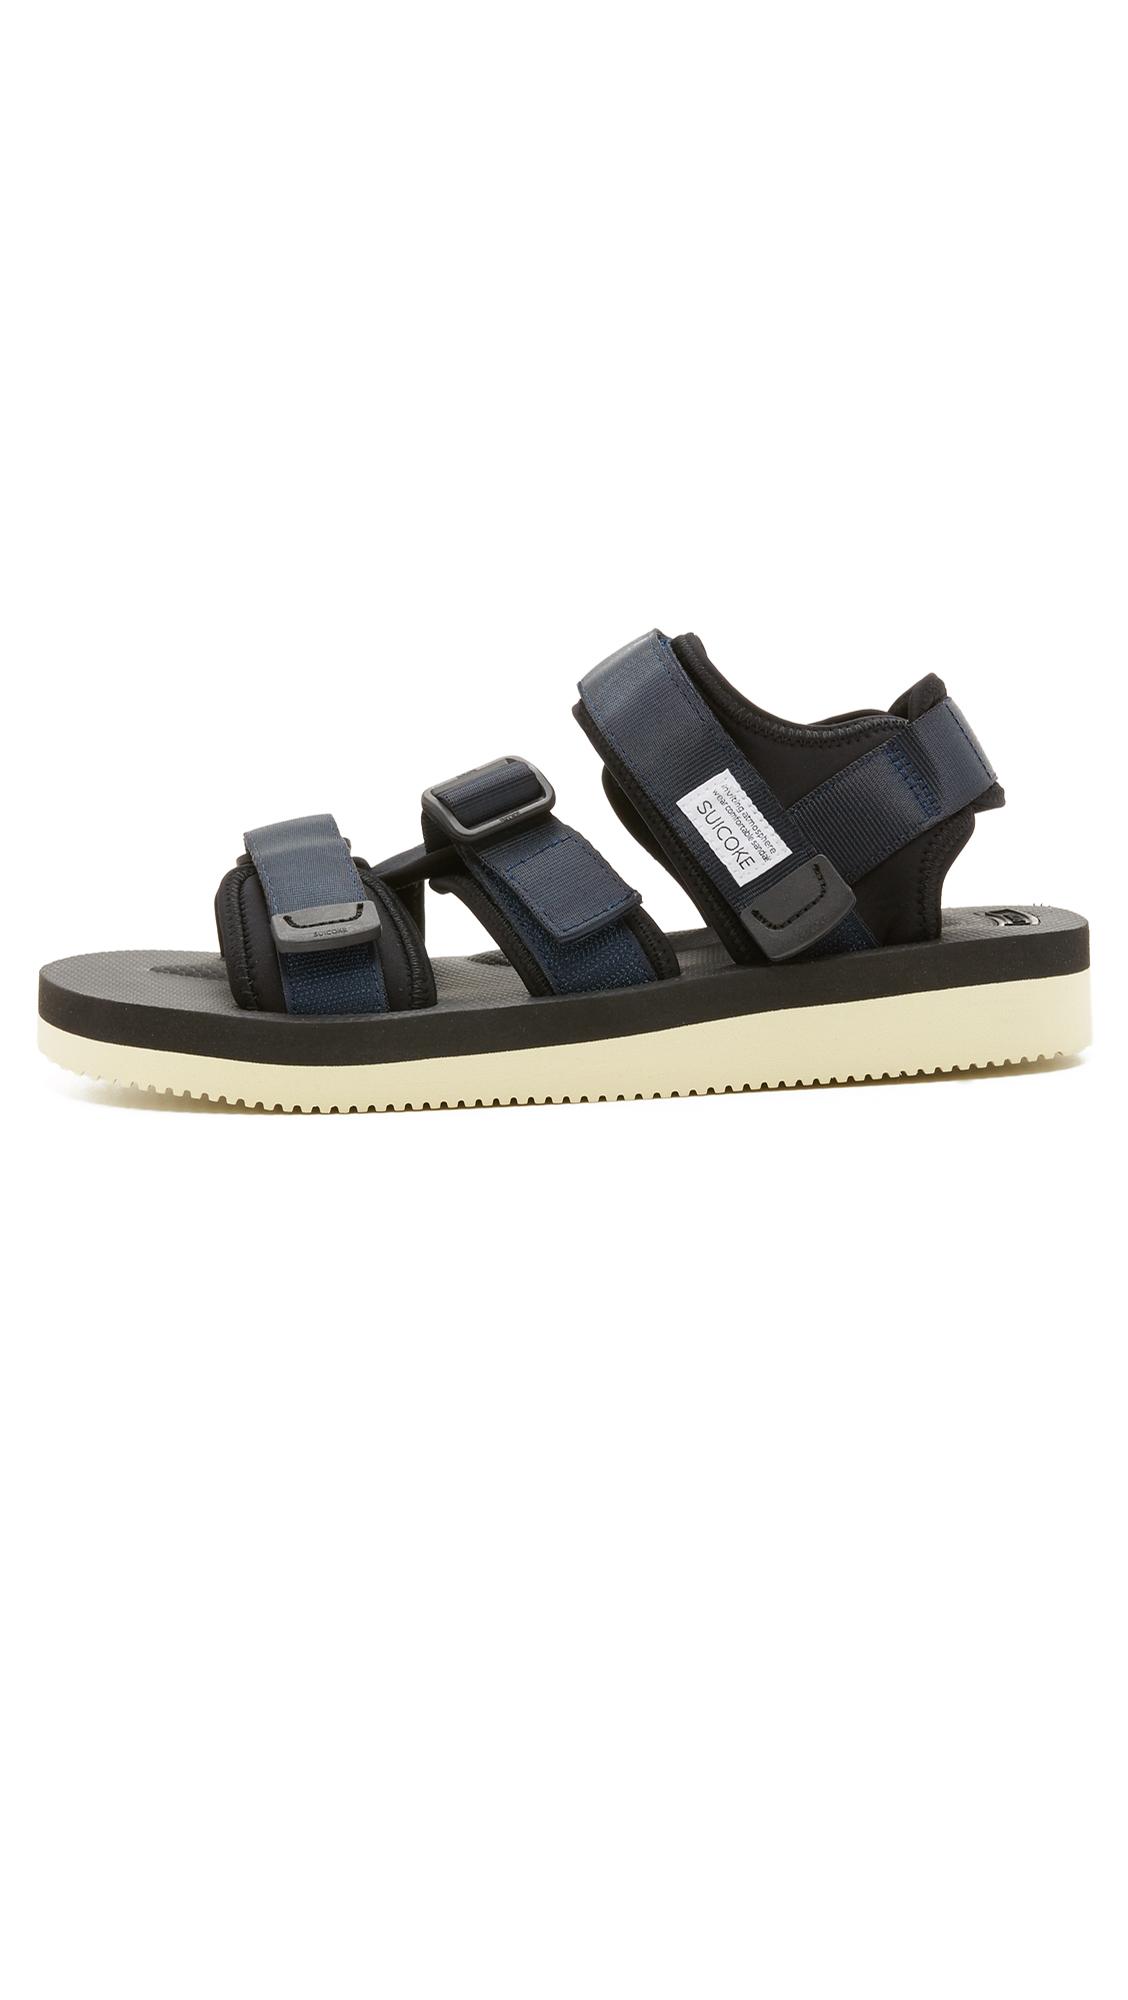 f34d42af6060 Suicoke Kisee-V Sandals